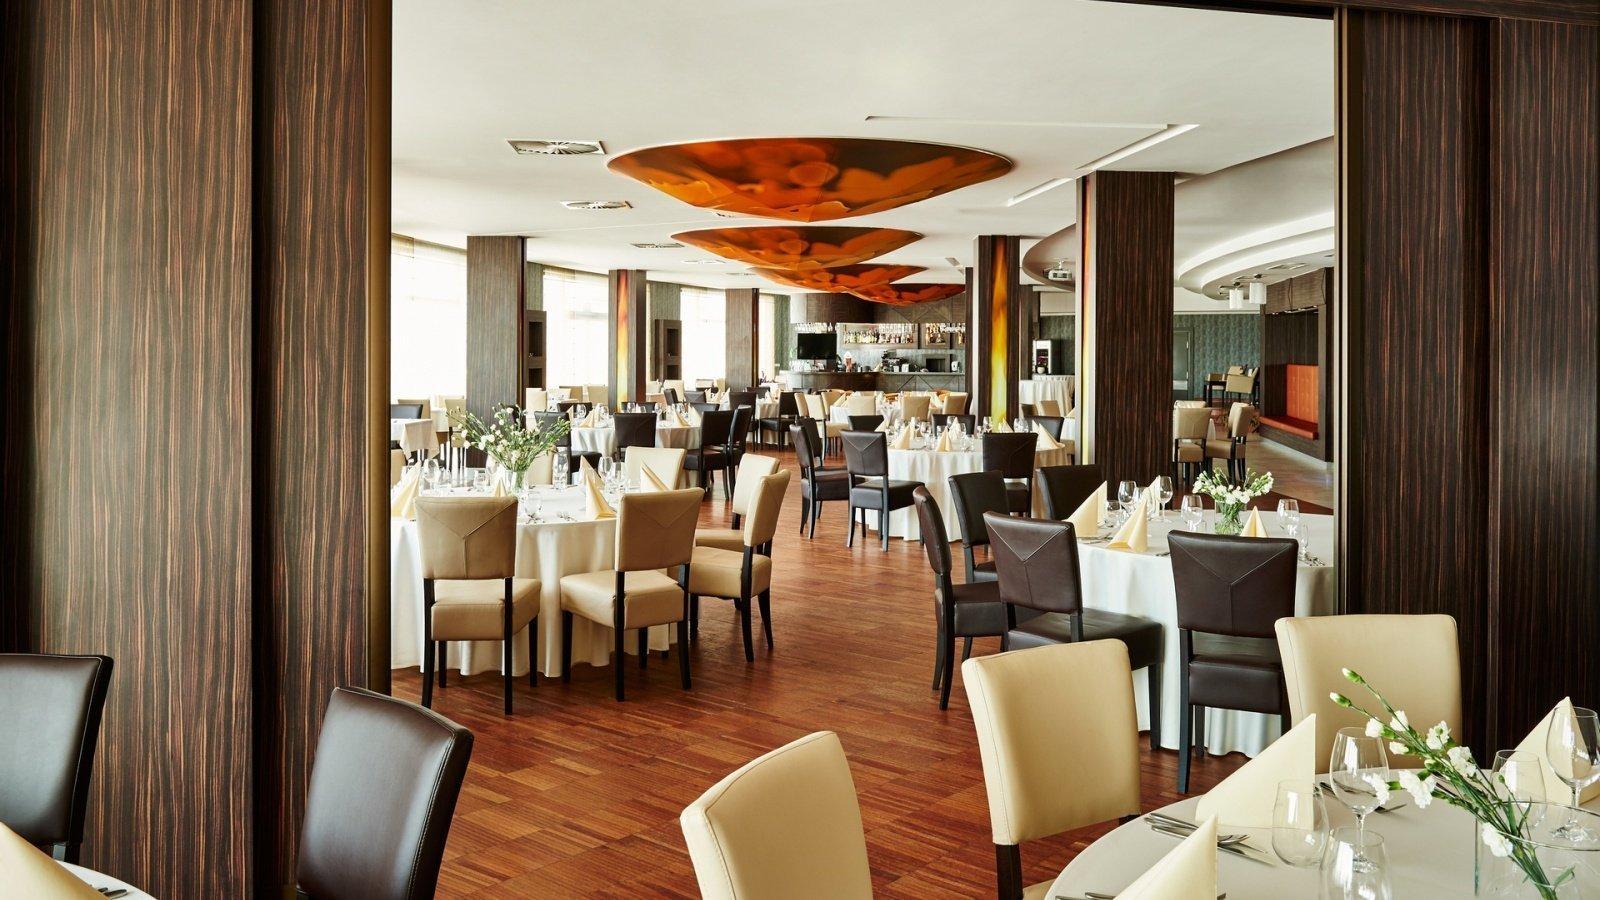 restauracja-stoliki.jpg